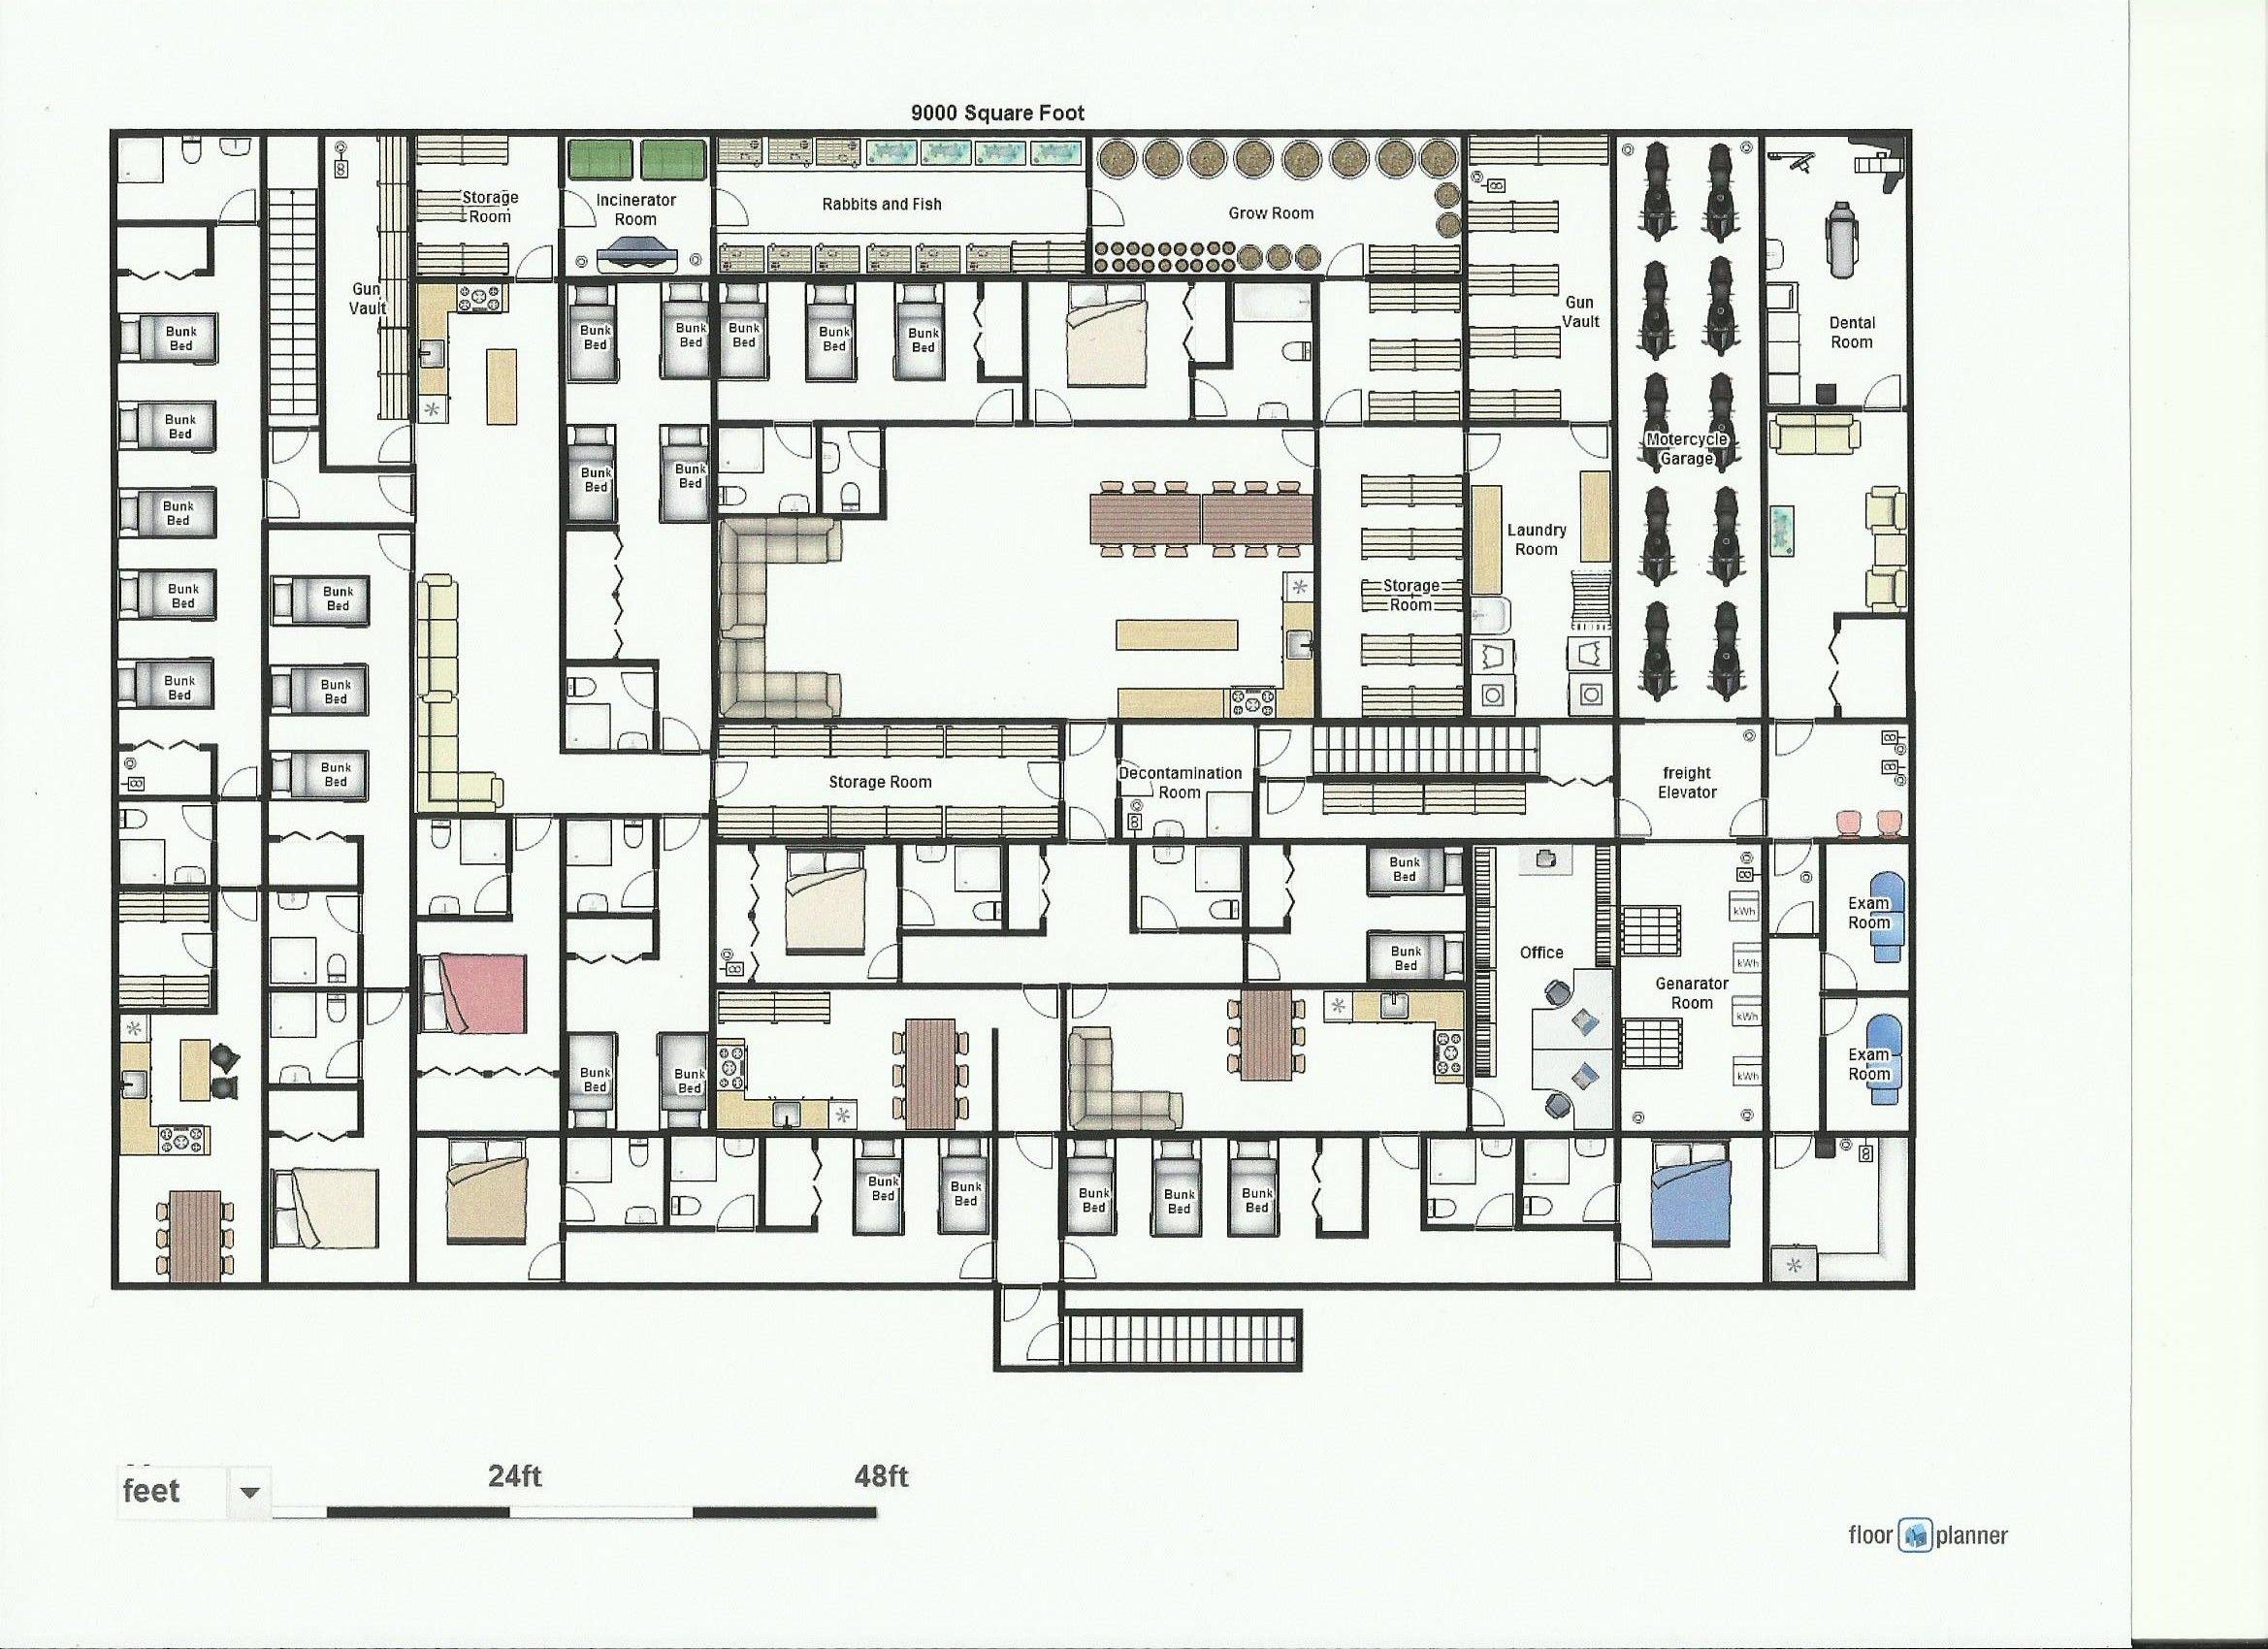 Underground shelter floor plans floor matttroy for Underground homes floor plans